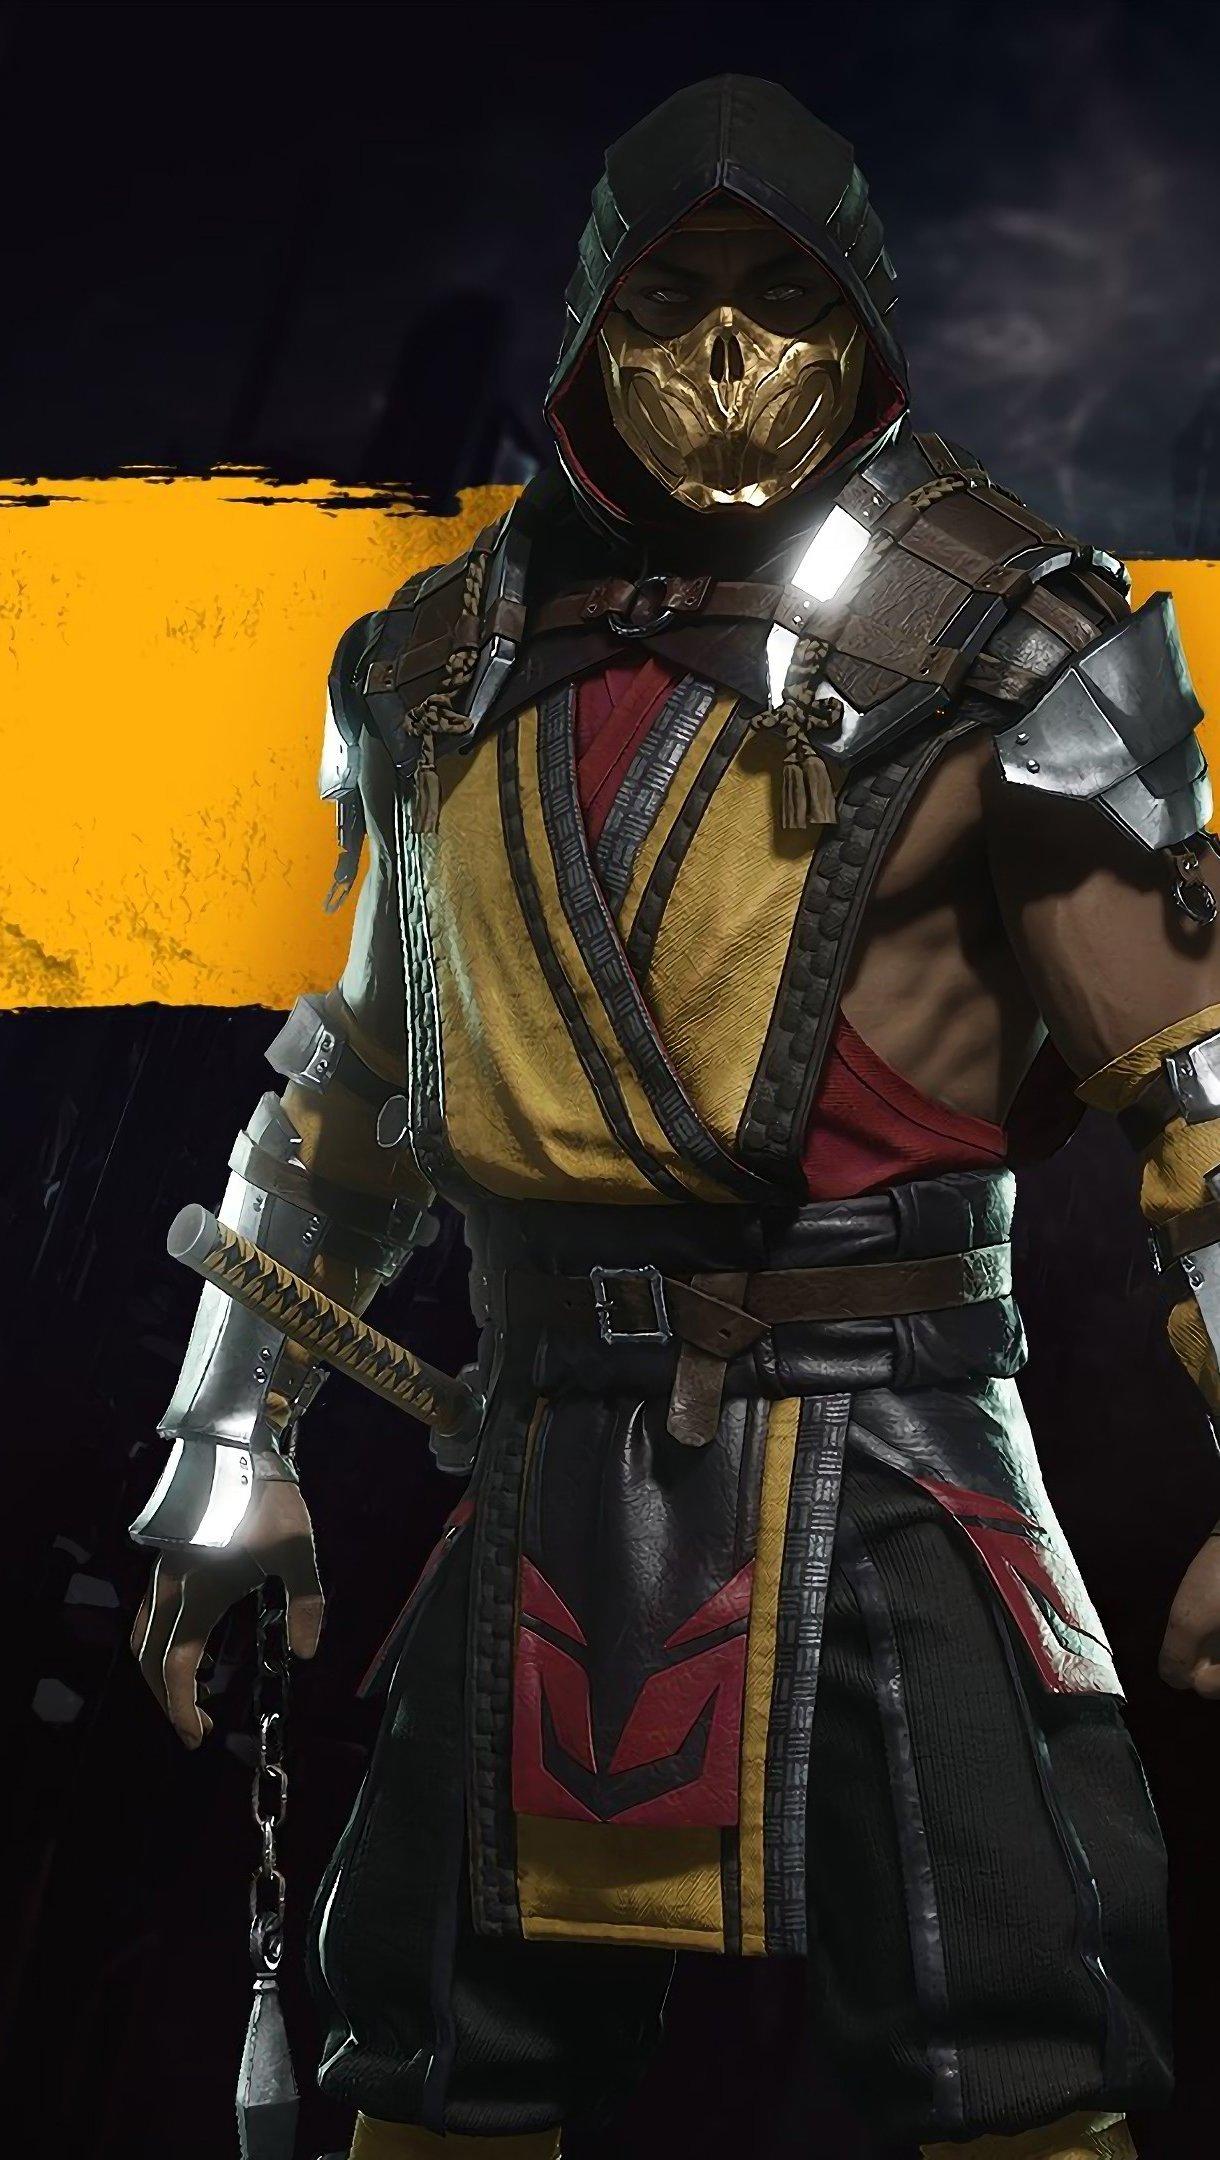 Fondos de pantalla Scorpion de Mortal Kombat Vertical